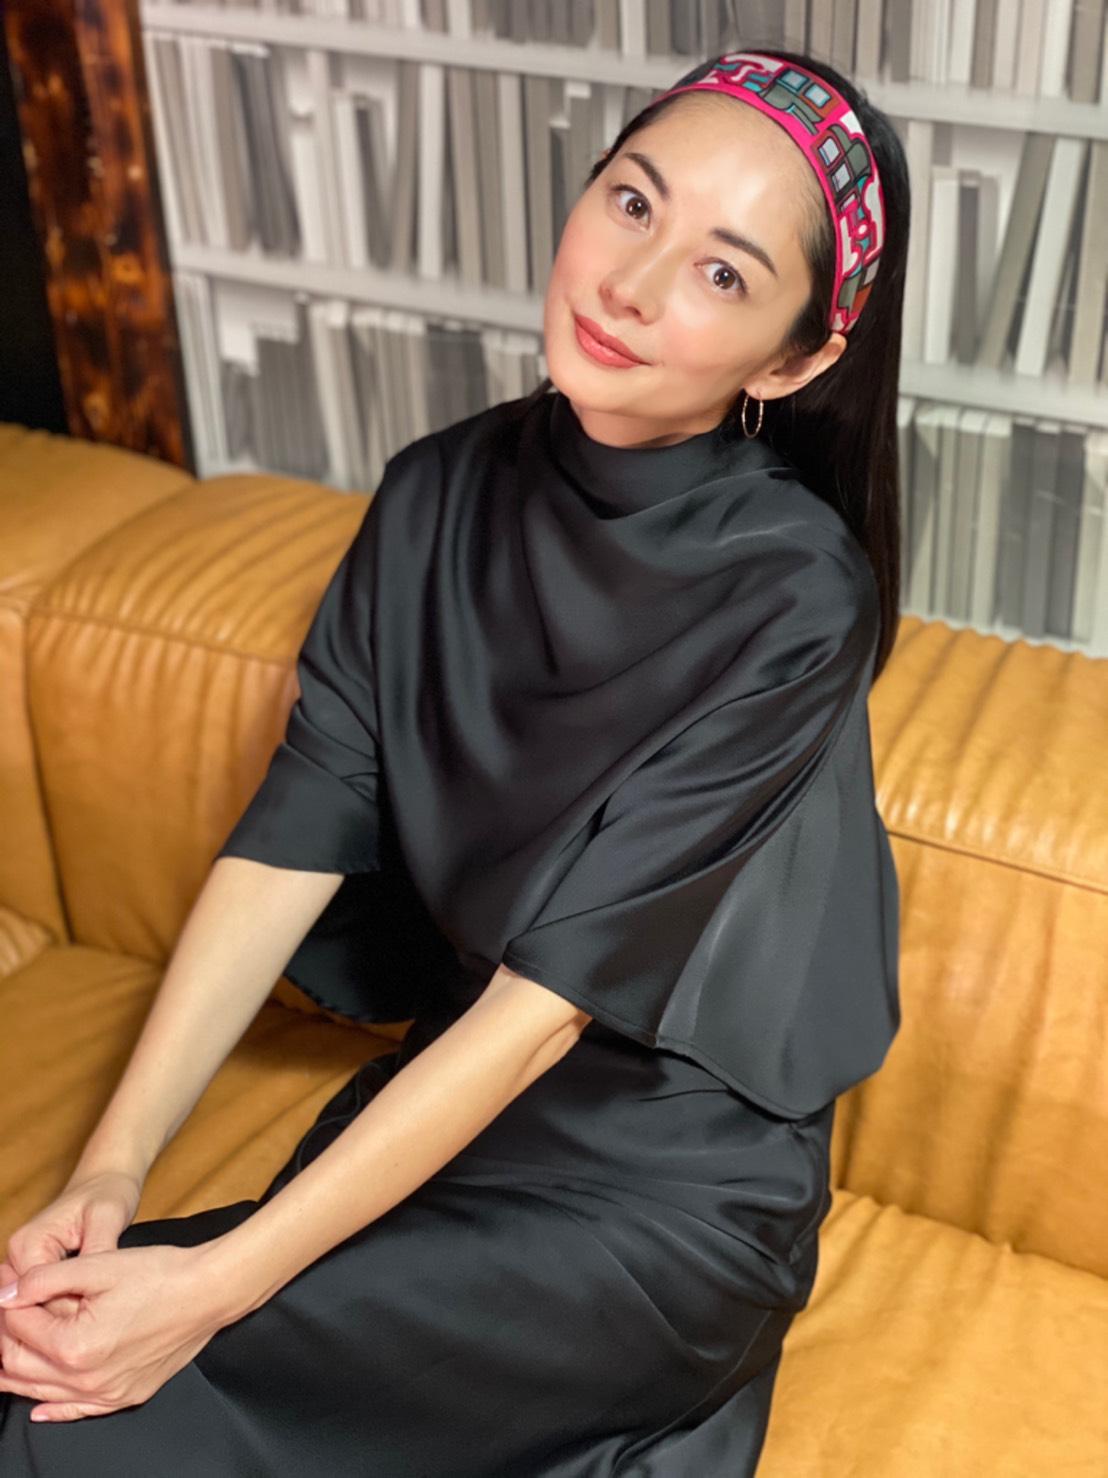 所属事務所・研音の公式YouTubeチャンネル「Ken Net Channel」の人気企画「バッグの中身」で、約2年ぶりに映像に出演した伊東美咲